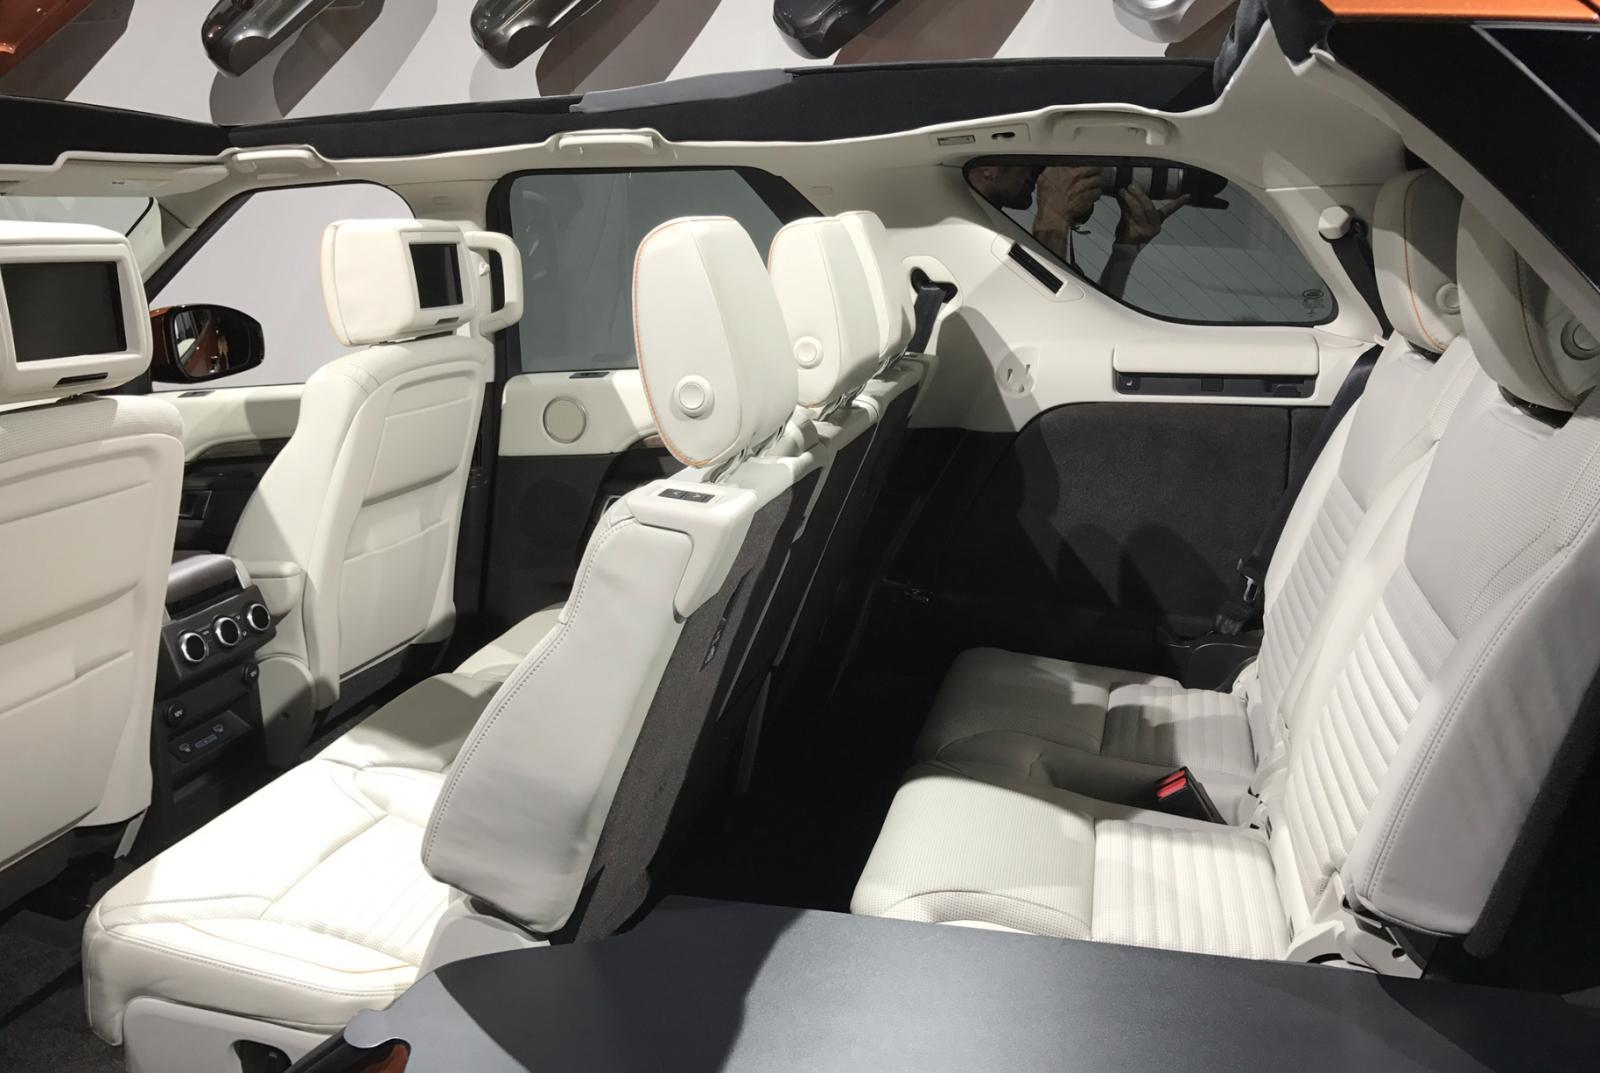 autonomous roadshow test tech jaguar vehicle land s testing parking rover news valet park landrover new driving self